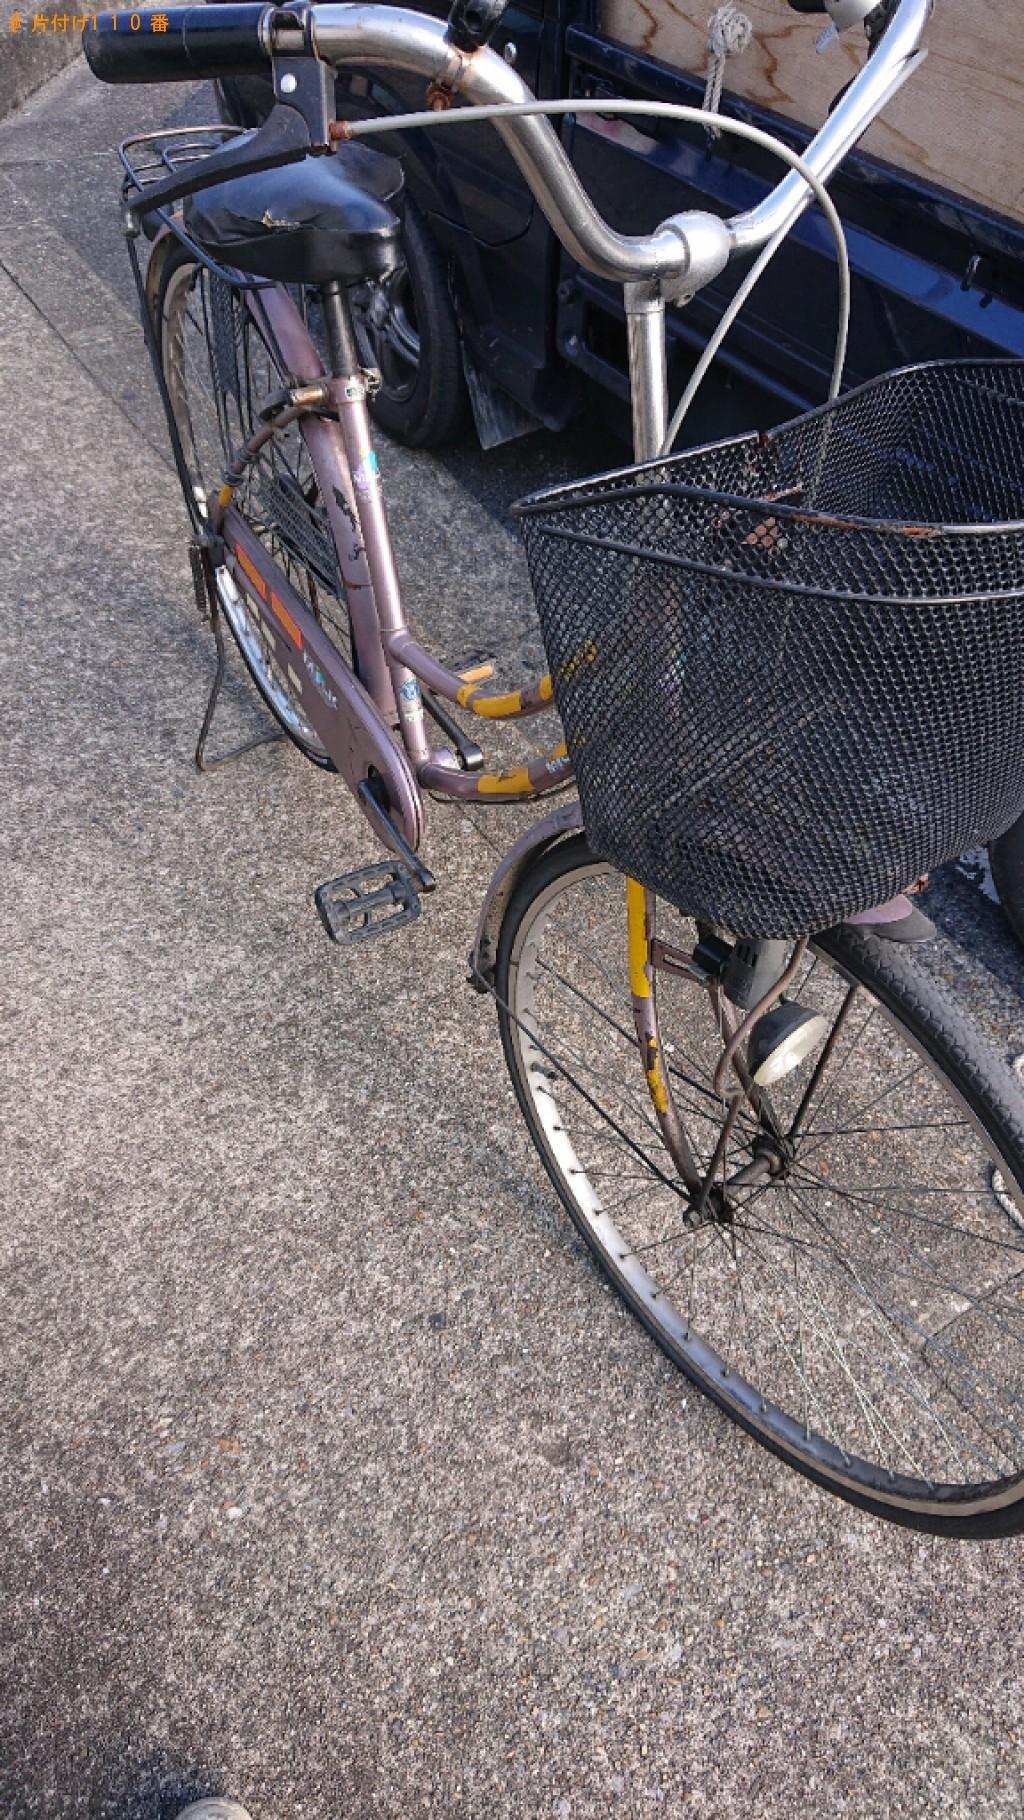 【大和郡山市昭和町】自転車の出張不用品回収・処分ご依頼